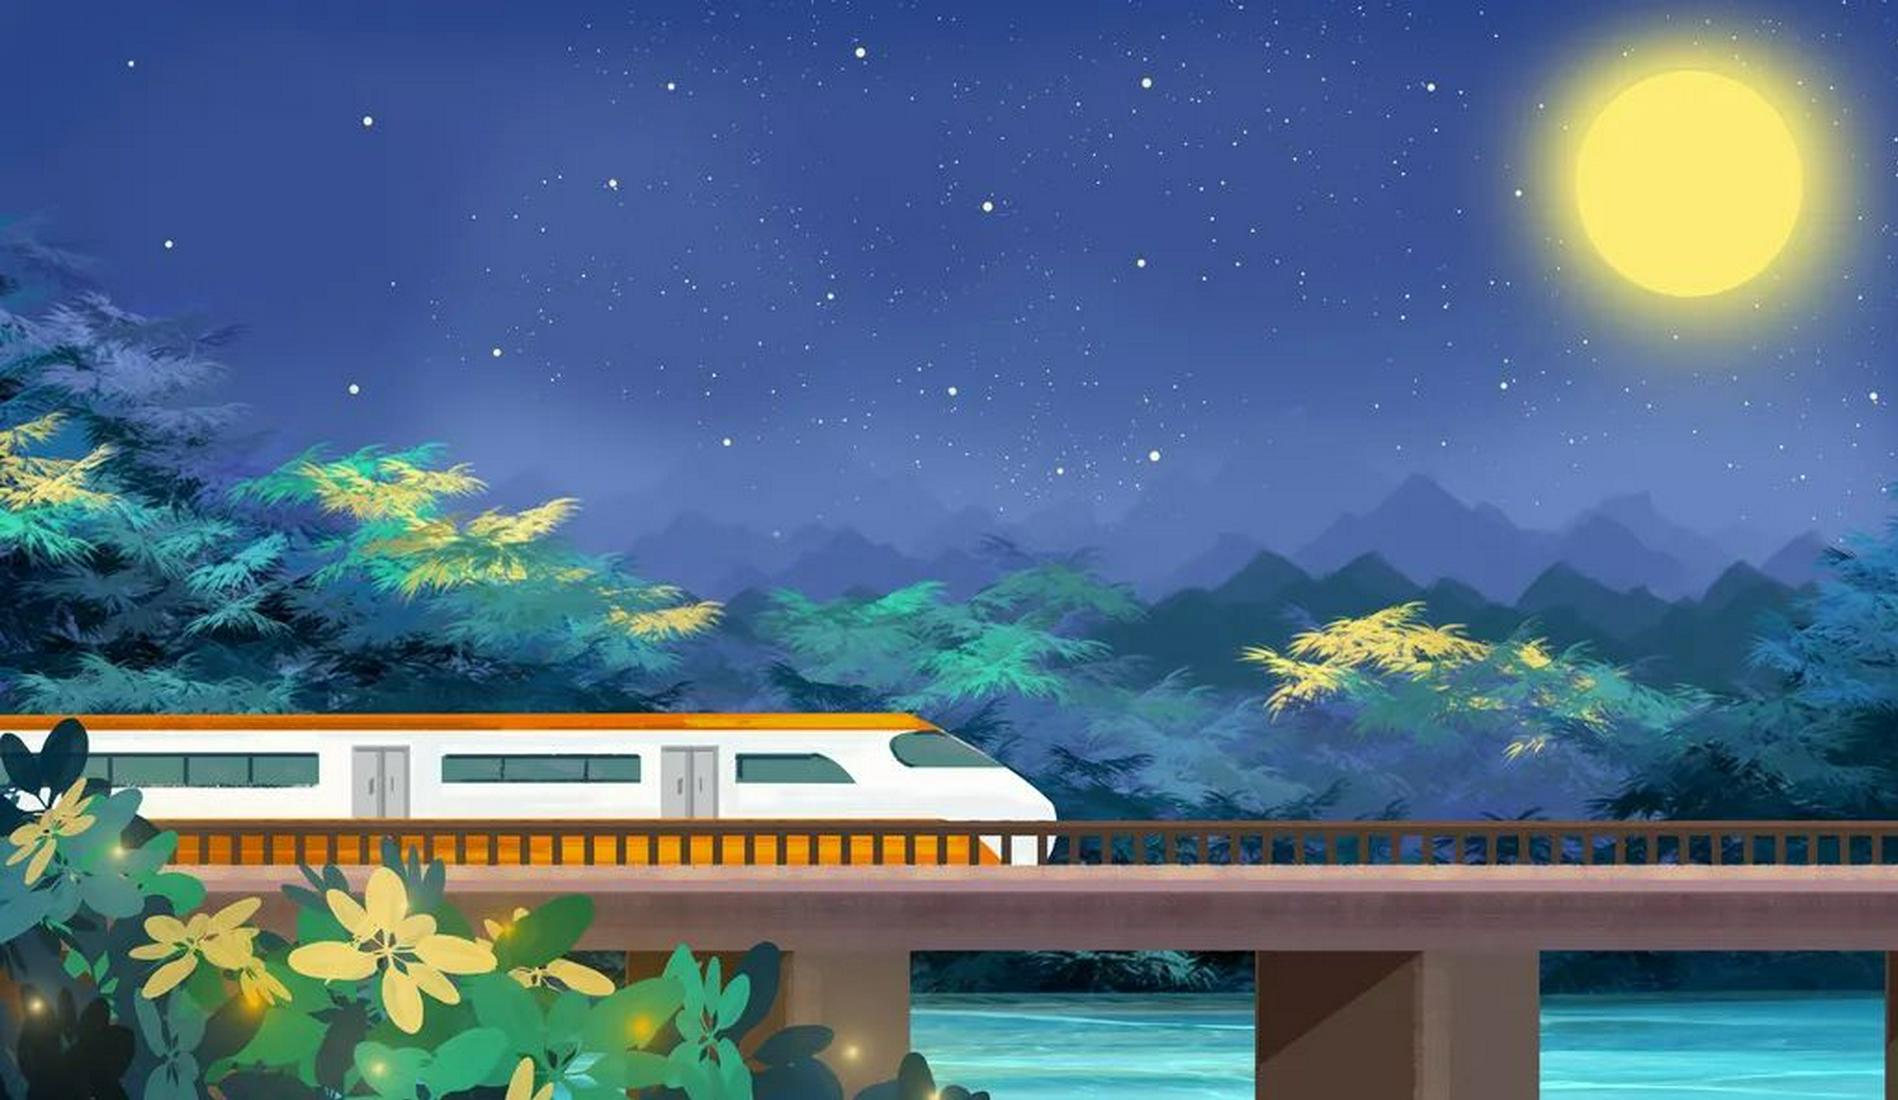 娄底火车站首开始发至常德旅客列车